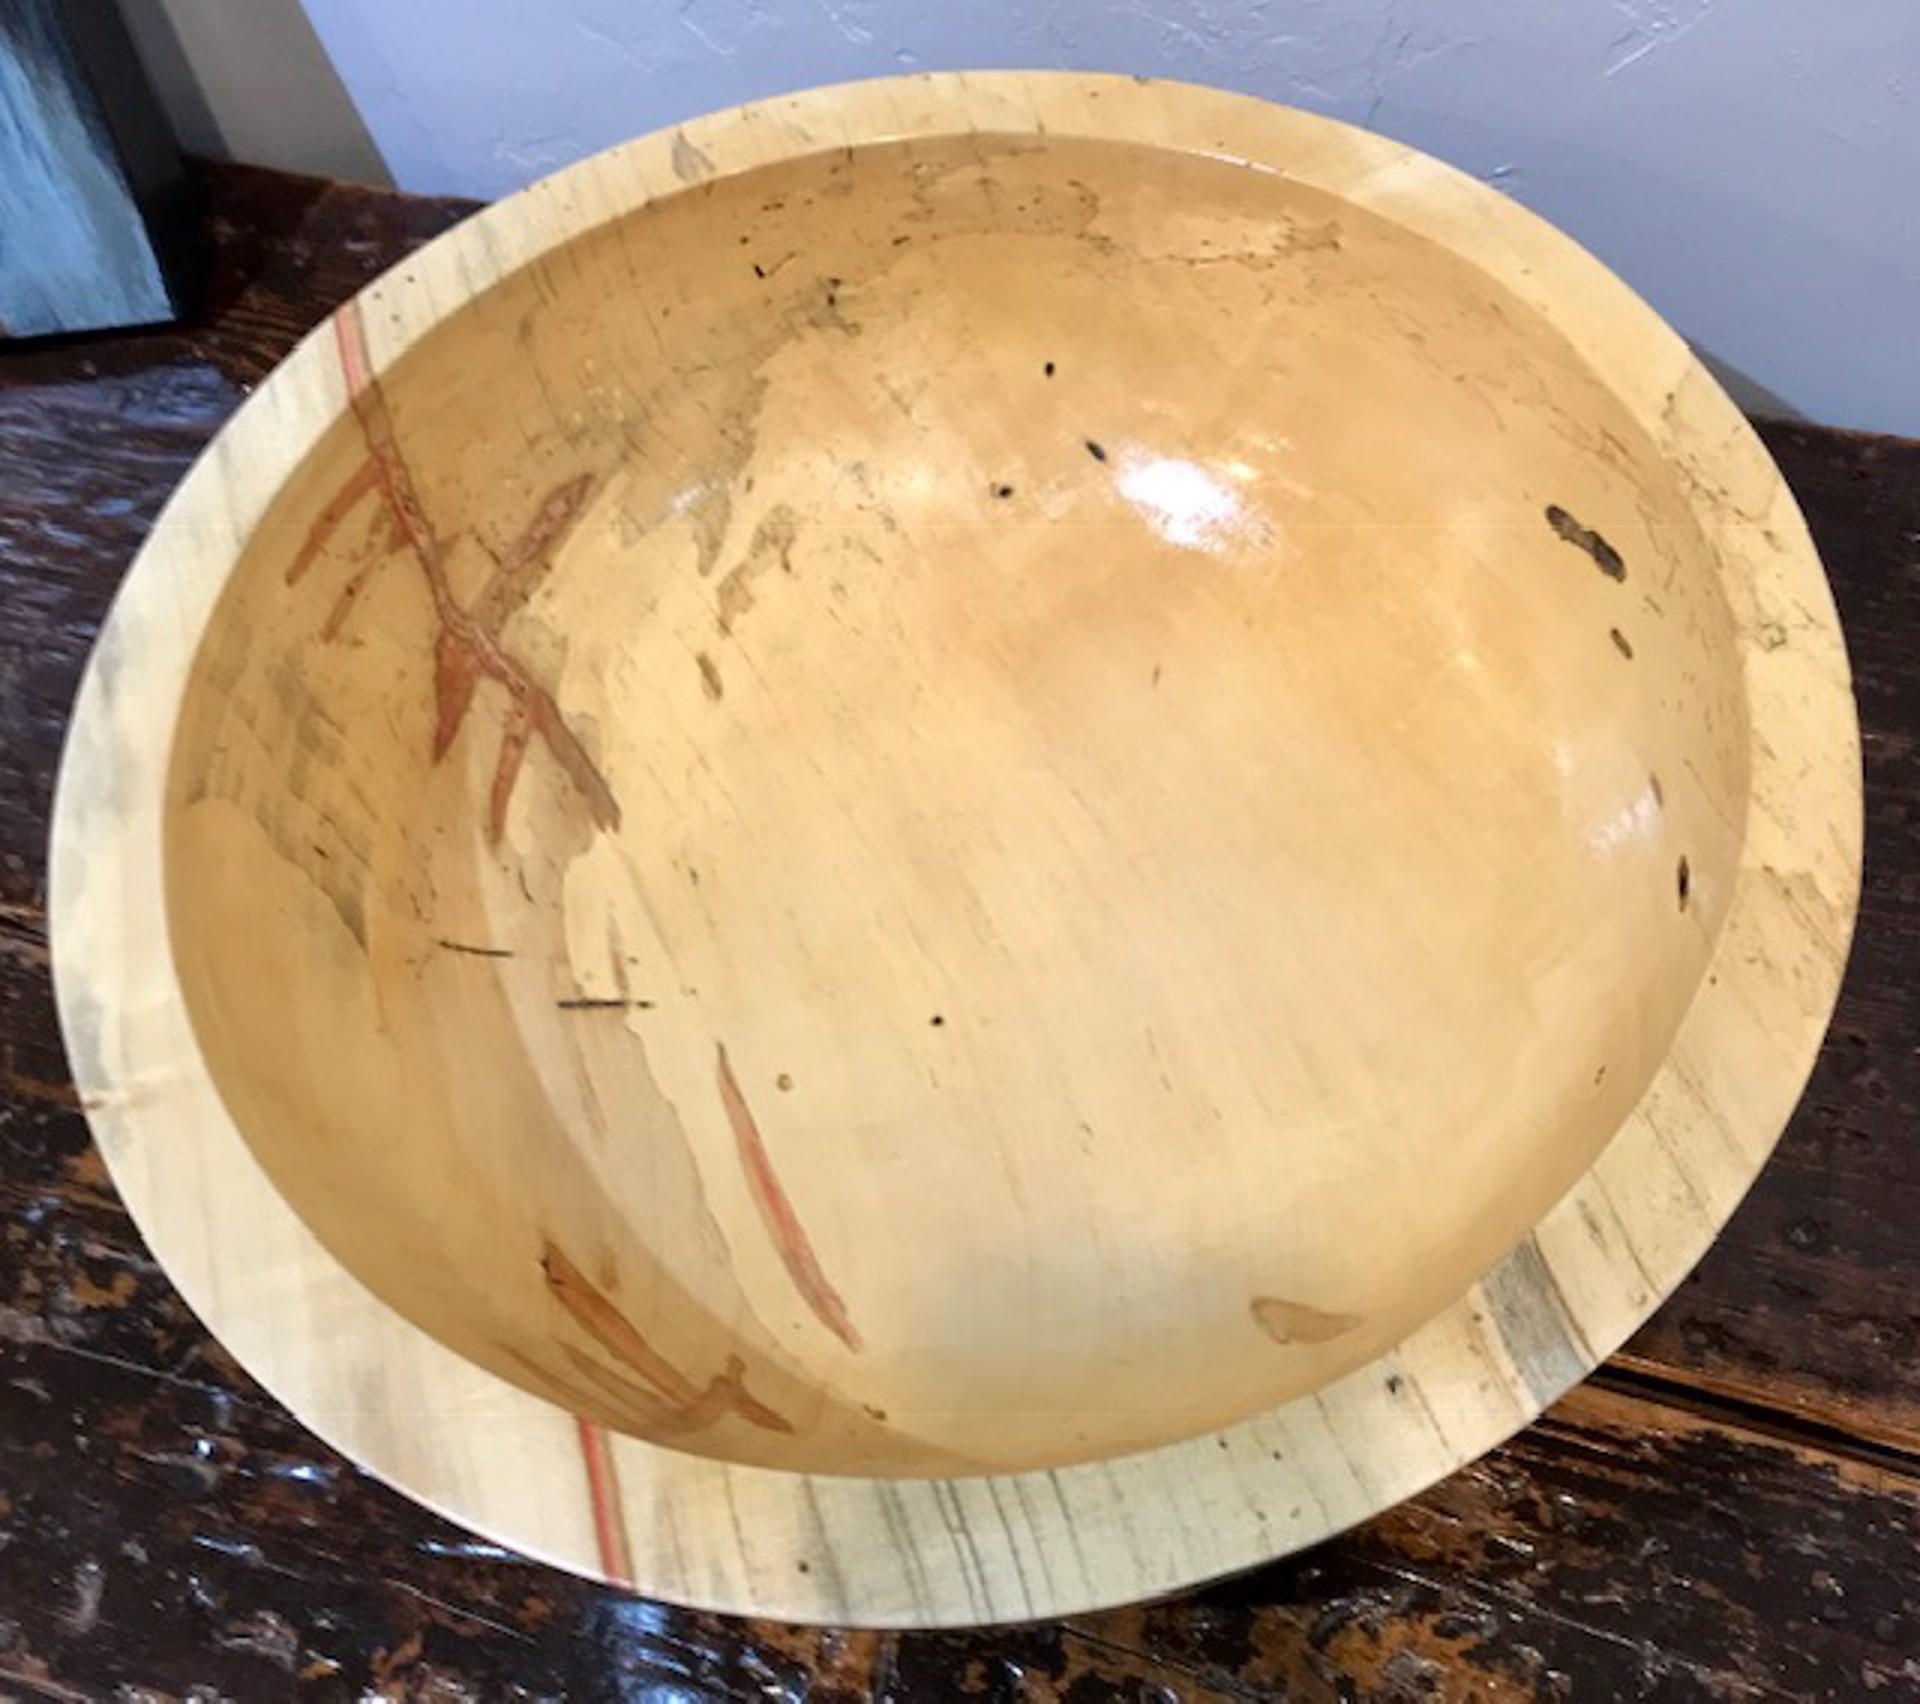 Box Elder Bowl by Brian Higgins